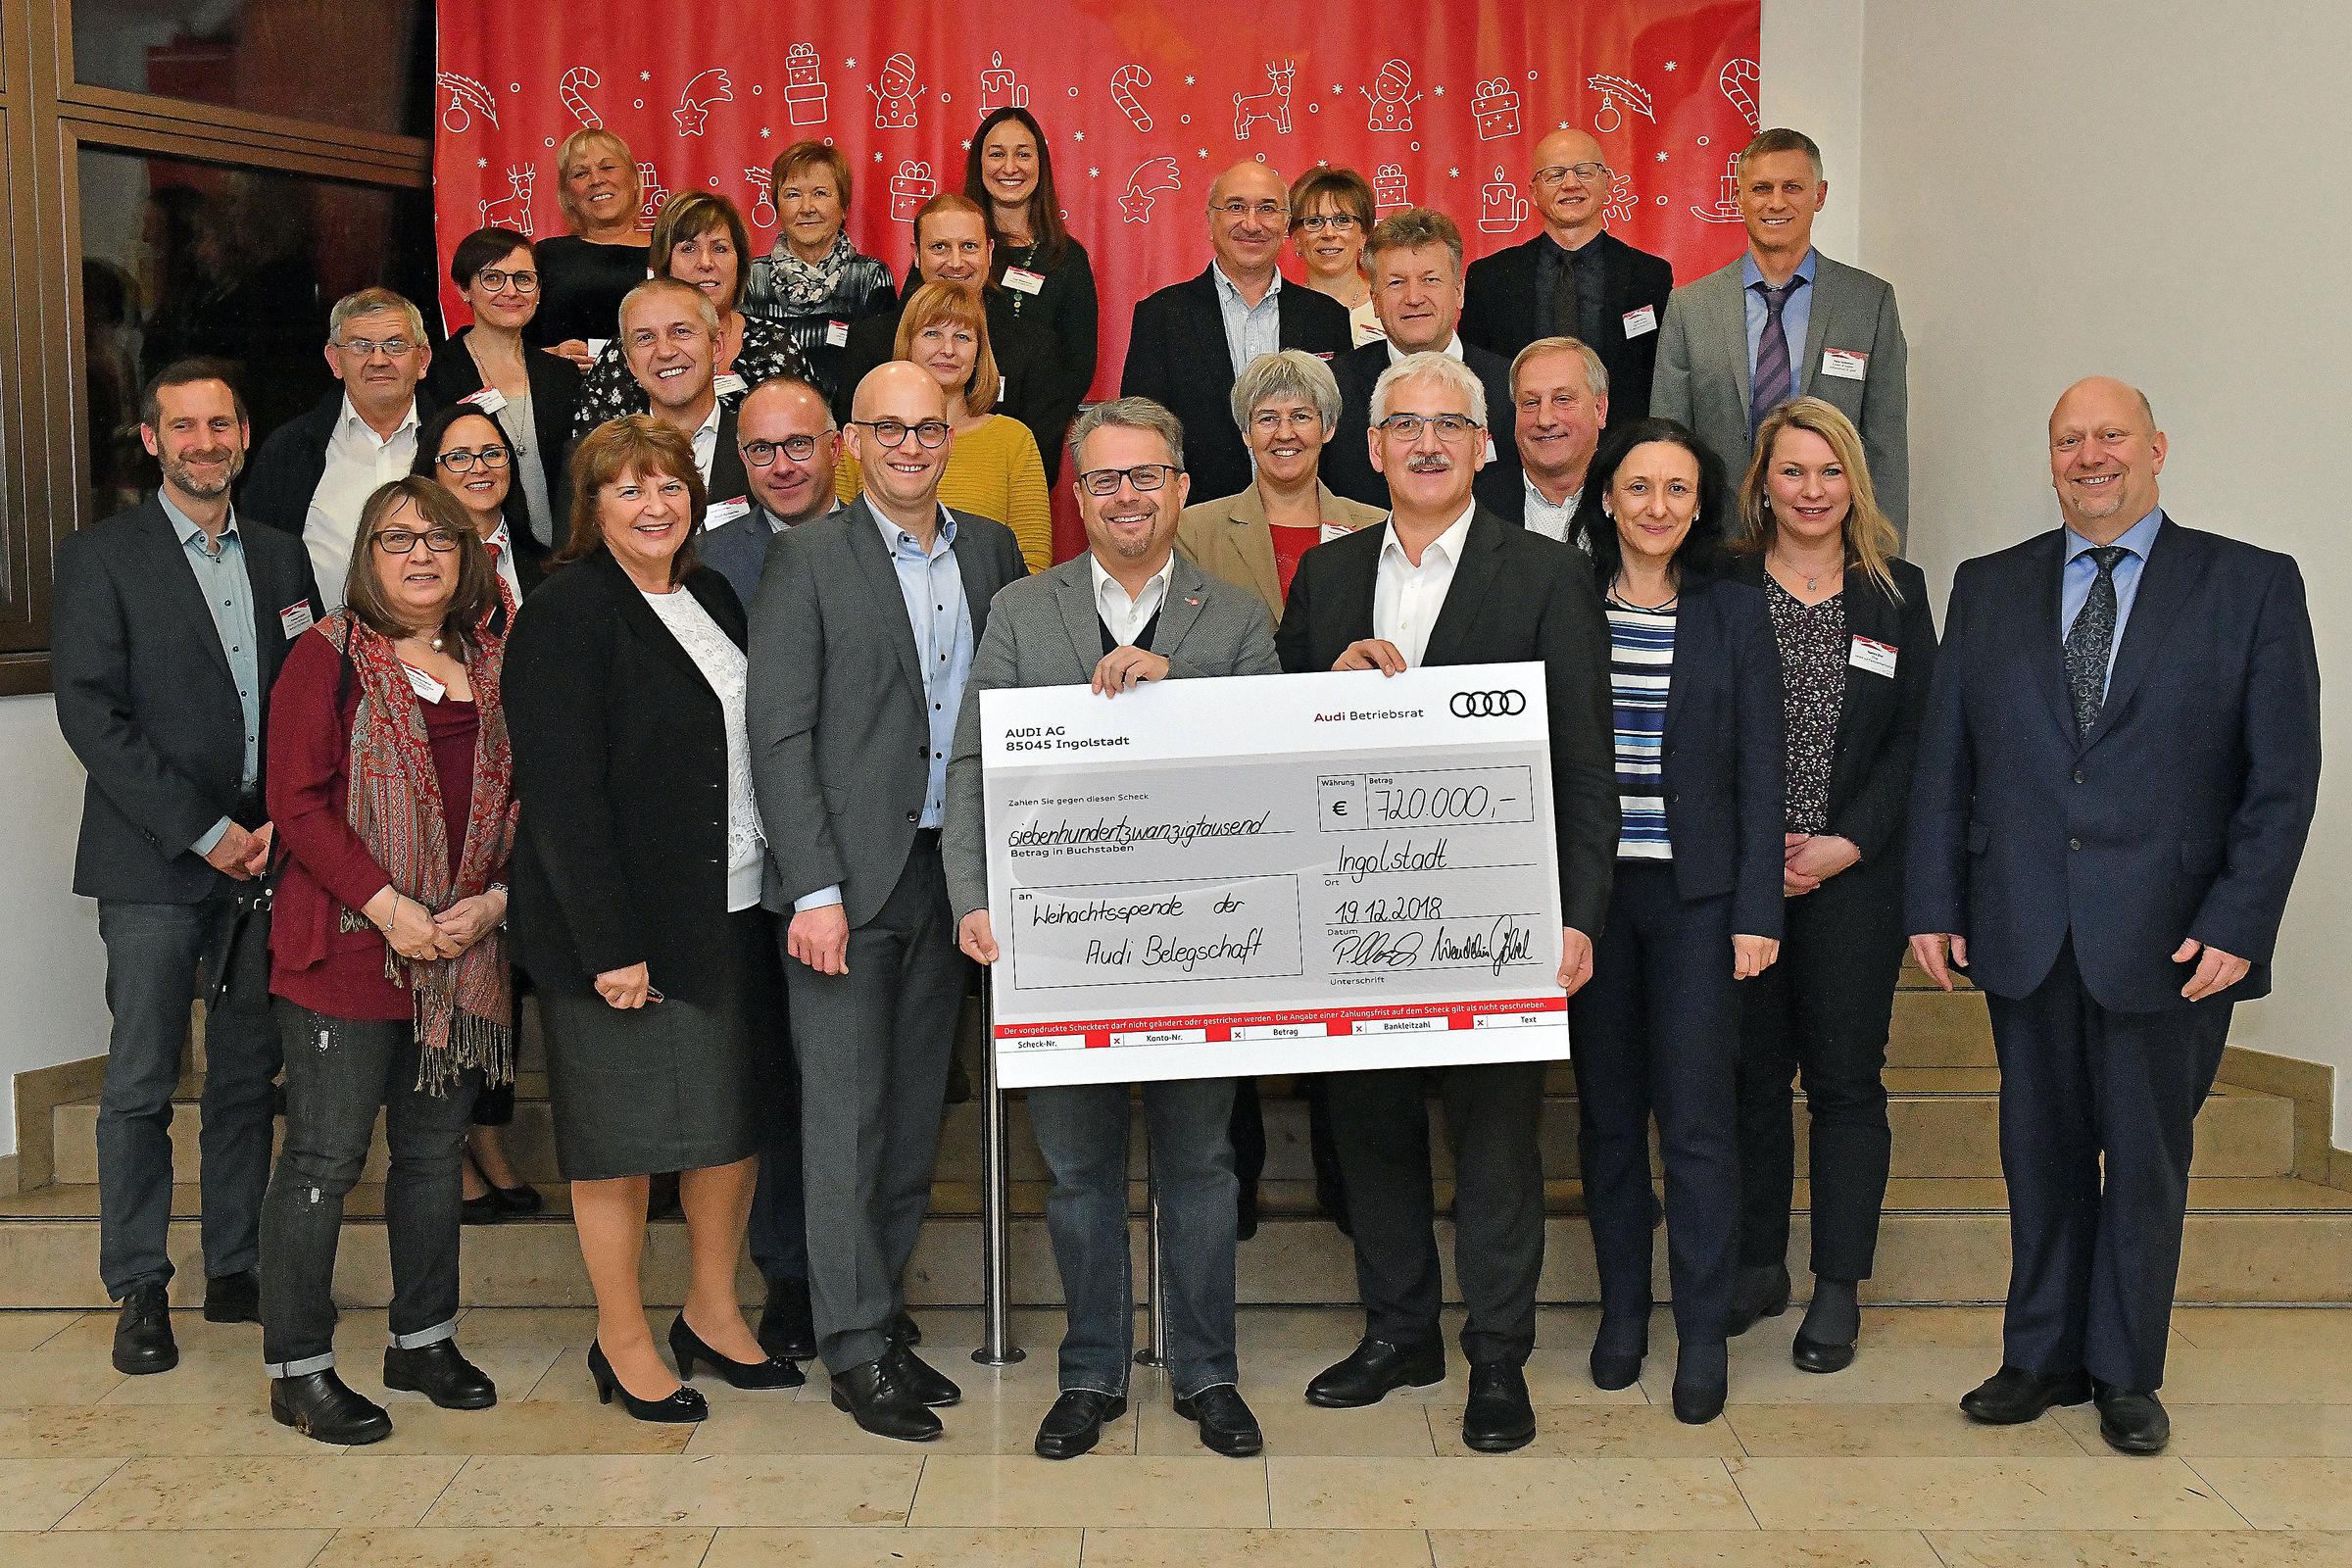 Für die Region: Audianer spenden 720.000 Euro